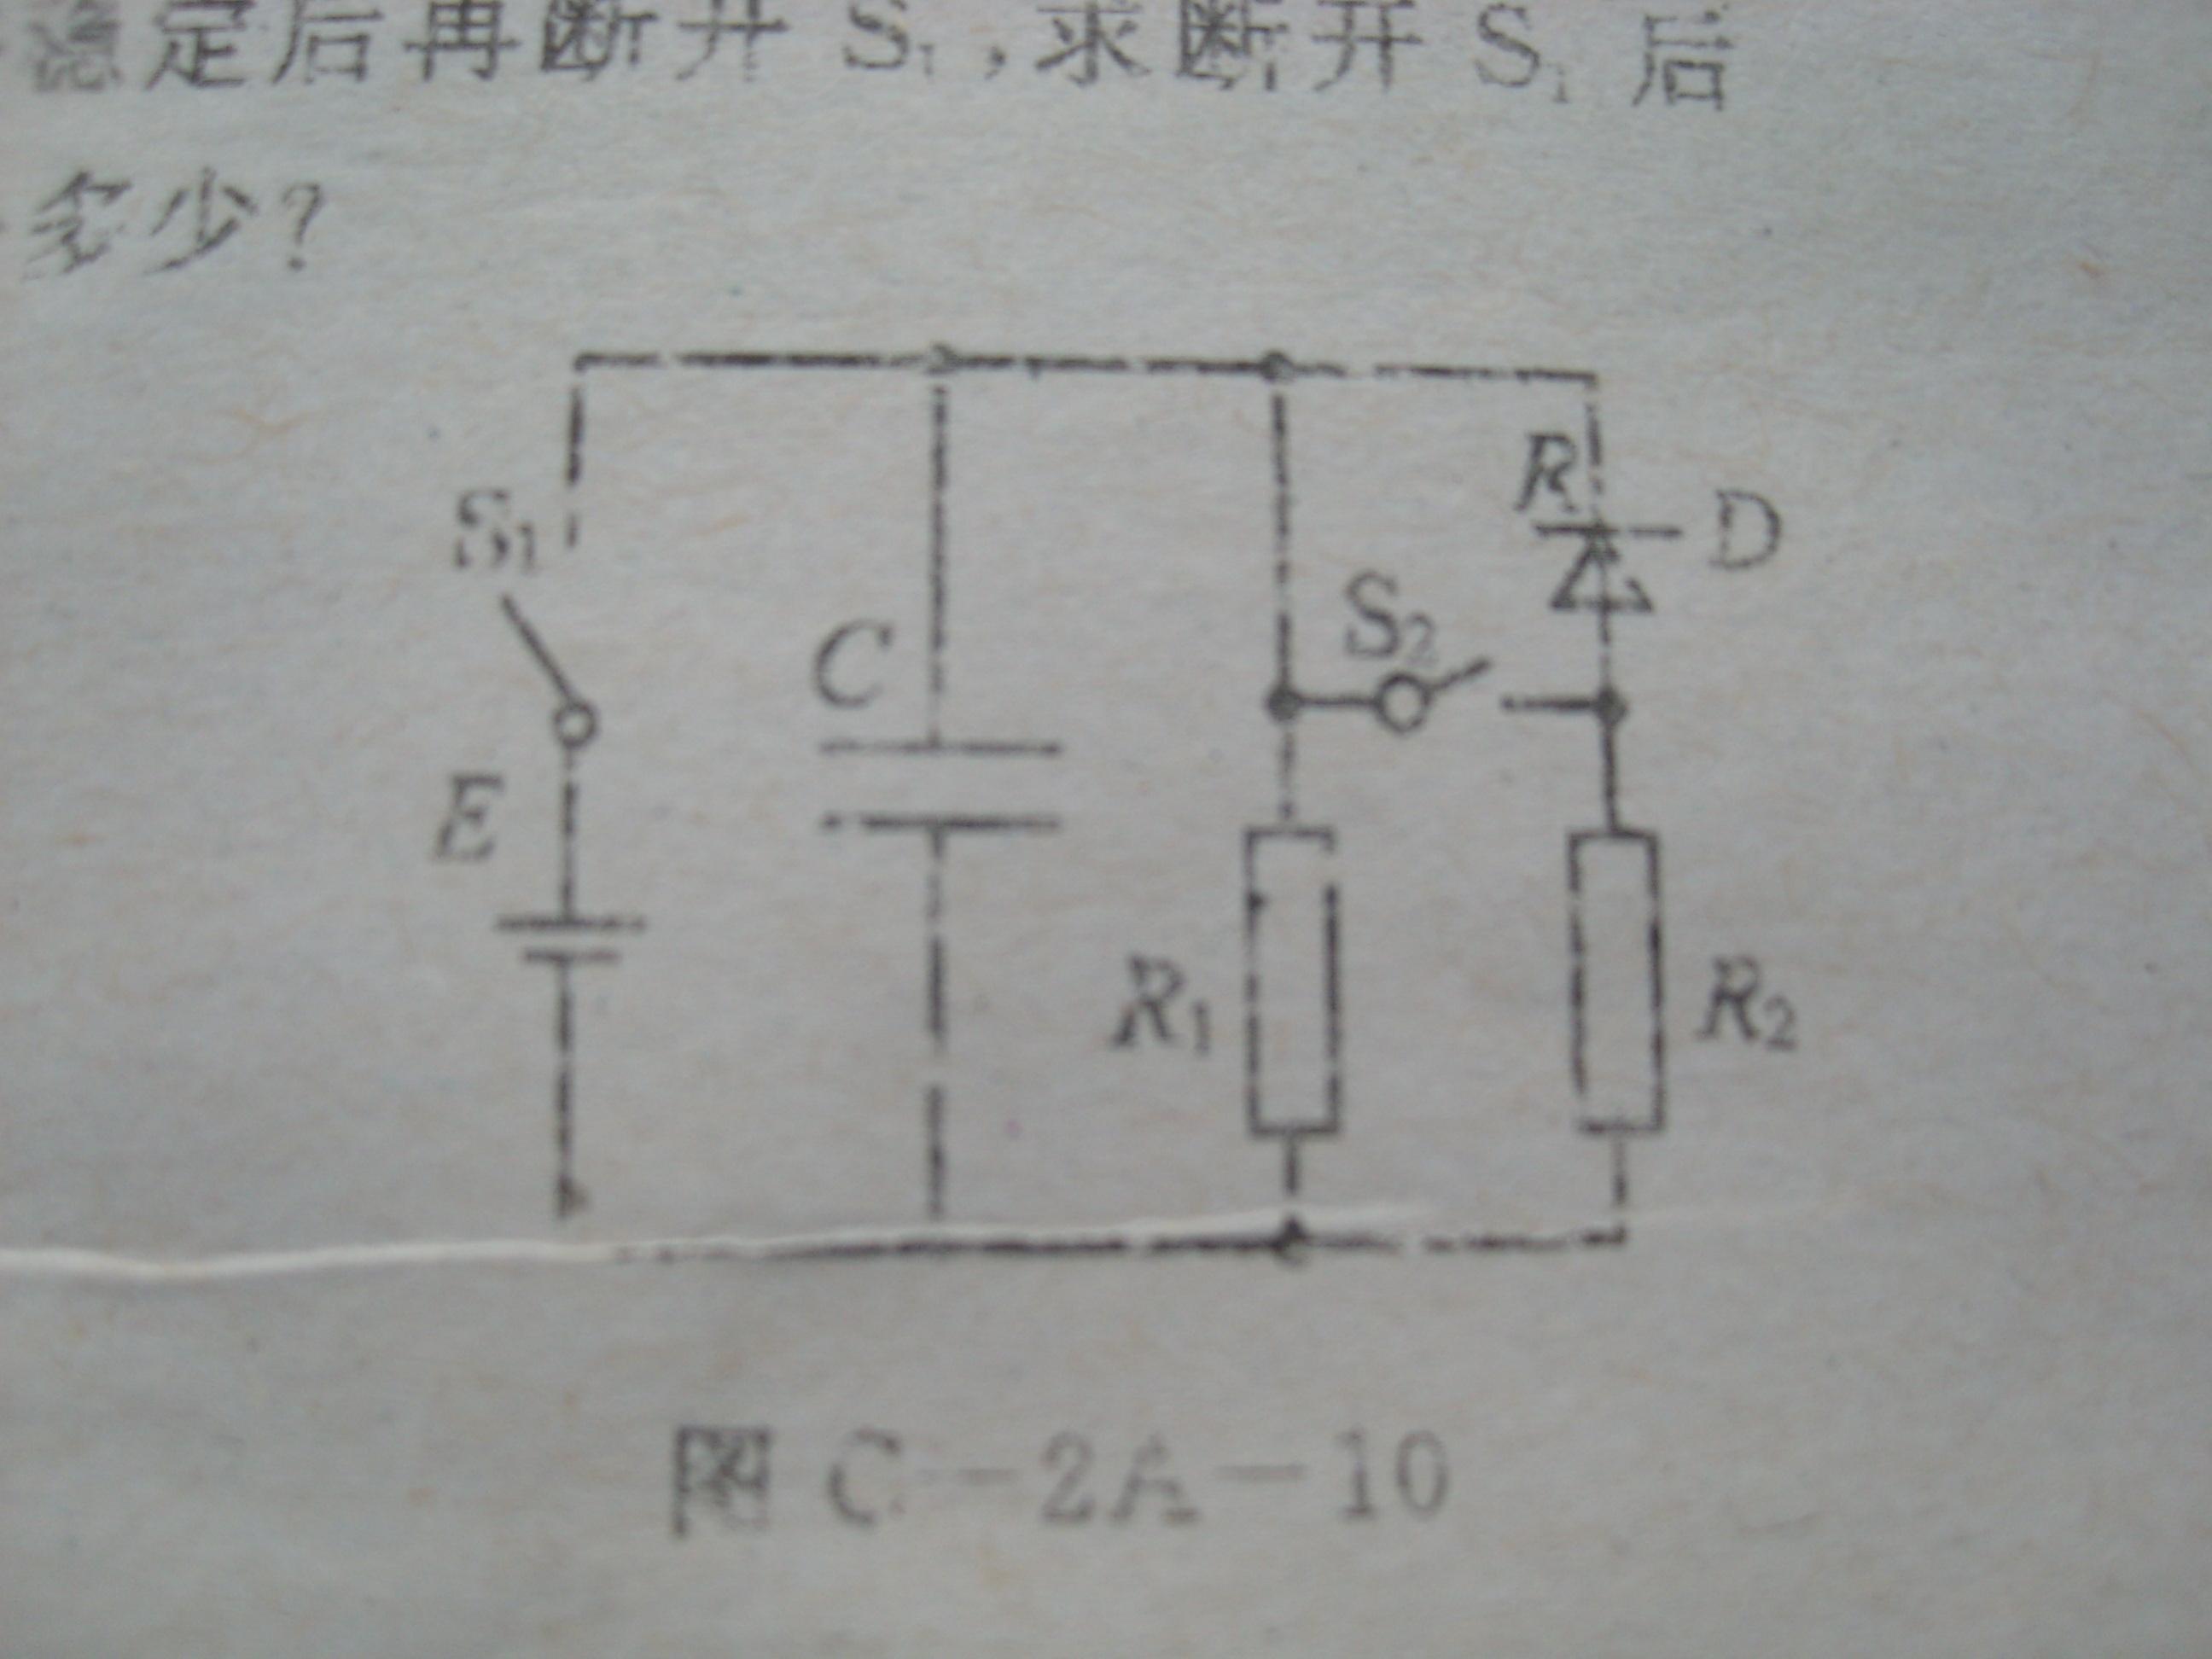 二极管d具有单向导电性,开始时,开关s1闭合,s2断开  (1)合上s2,待电路